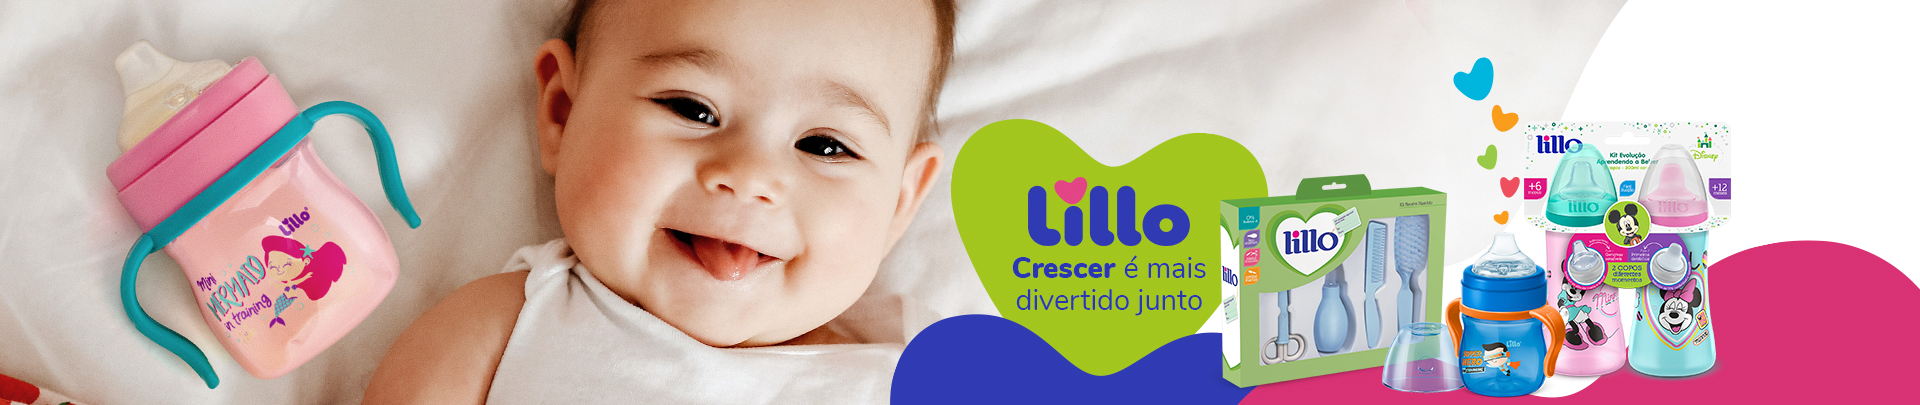 Lillo_Maio